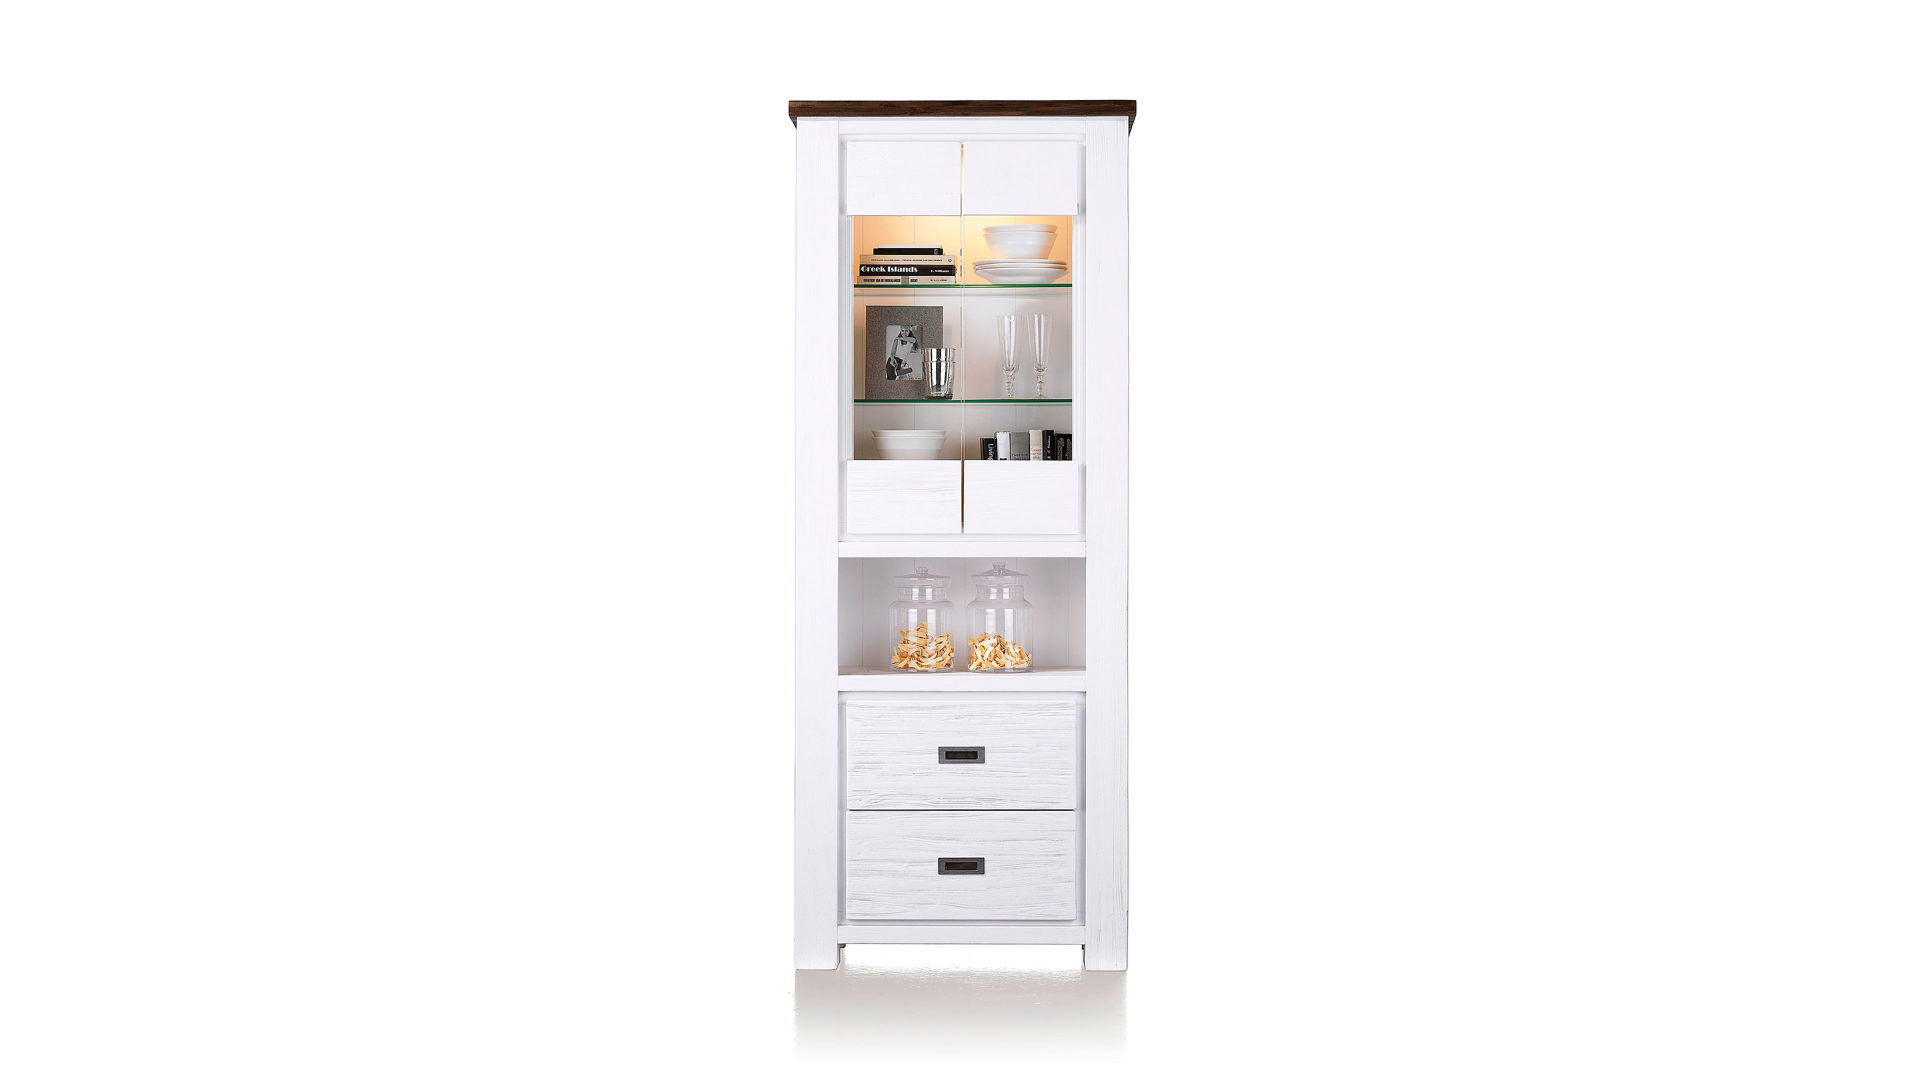 massivholzmobel wohnzimmerschrank, wohnland breitwieser , möbel a-z, schränke + wohnwände, vitrinen, Design ideen